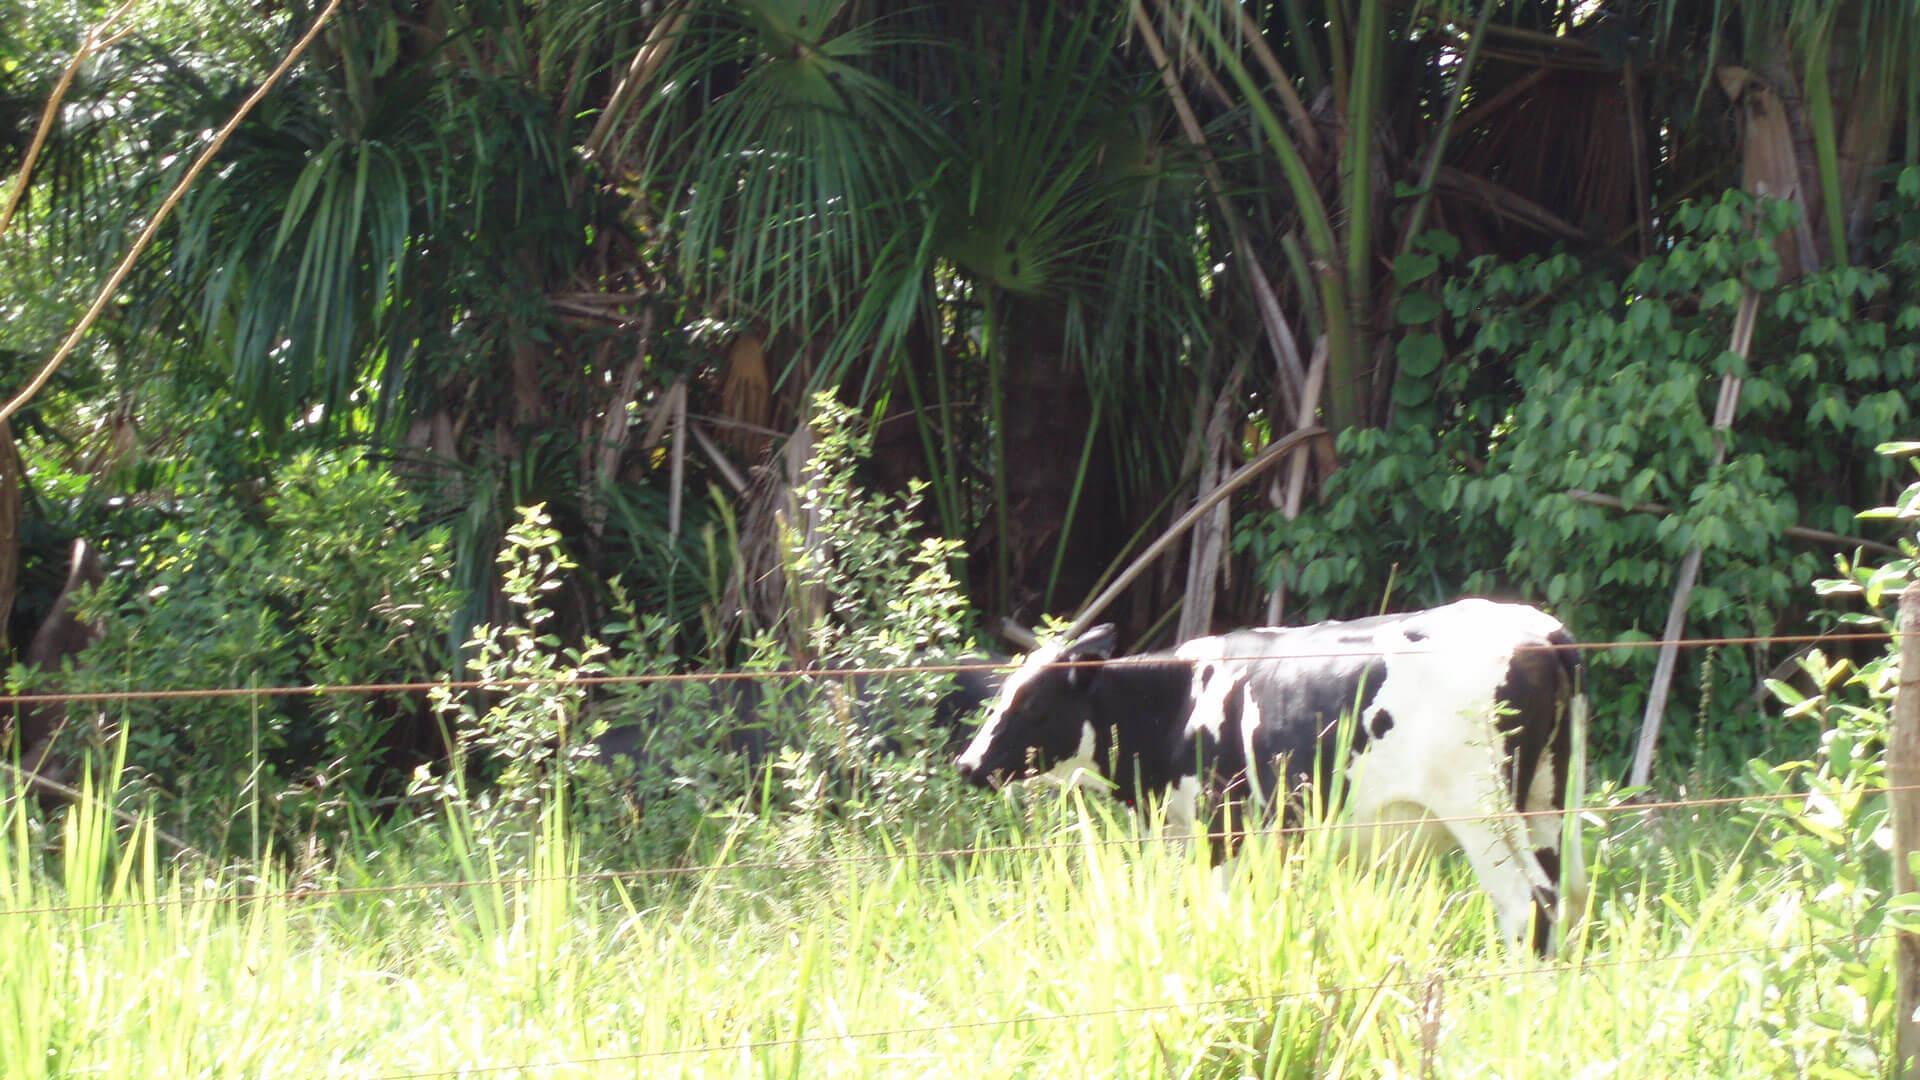 Rind auf der Weide vor Palmenwald